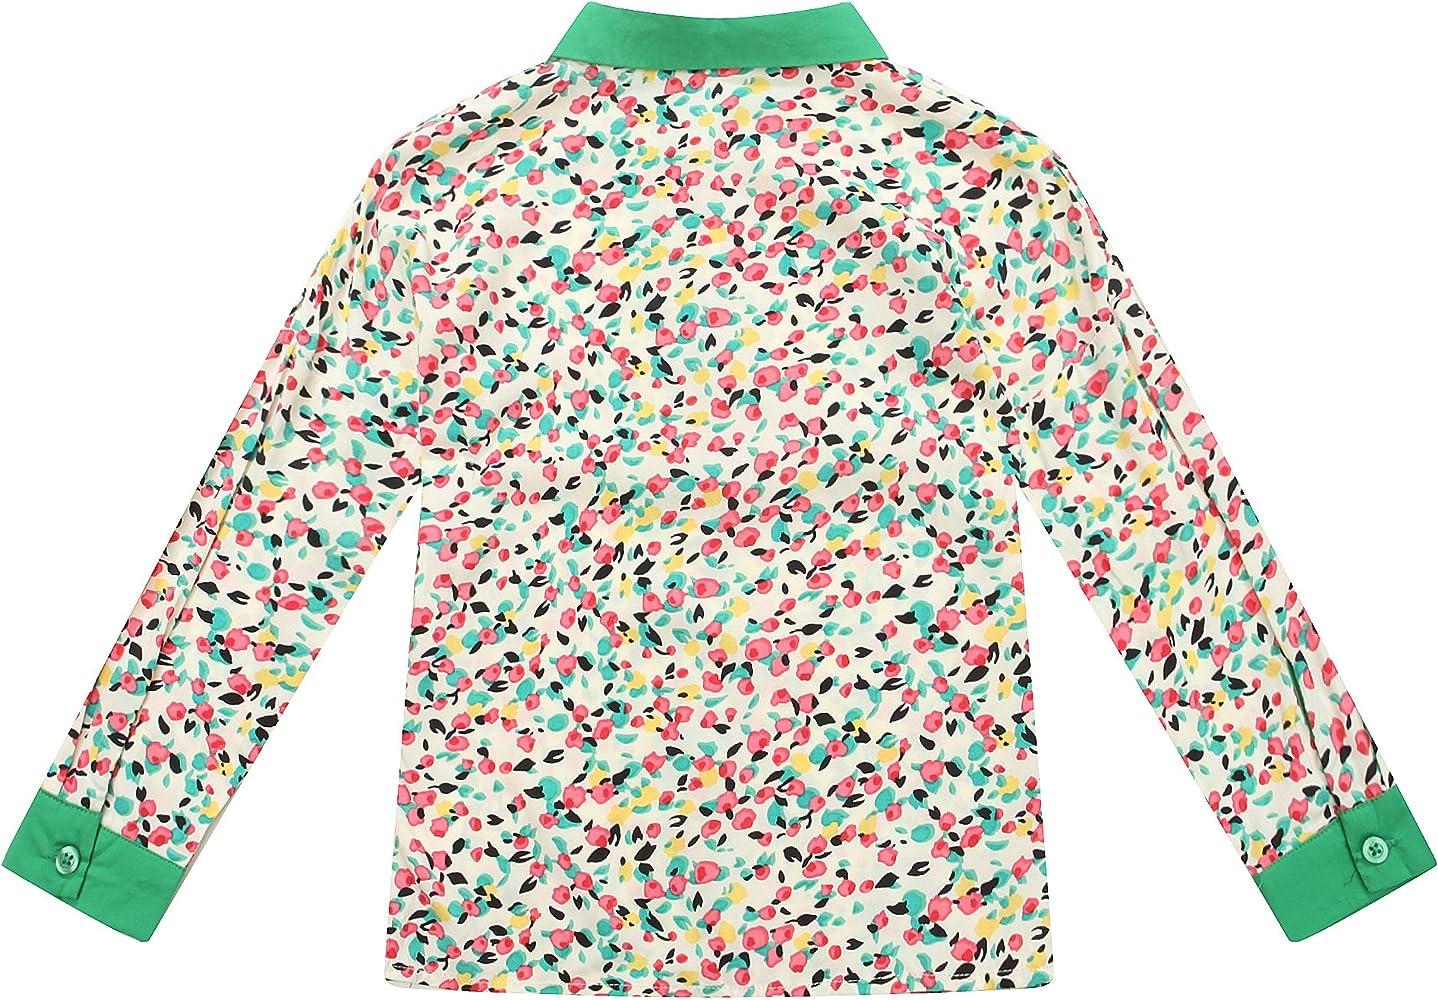 Camisa Richie Casa de las niñas a juego con collar y el brazalete RH1449-9 / 10-FBA: Amazon.es: Ropa y accesorios